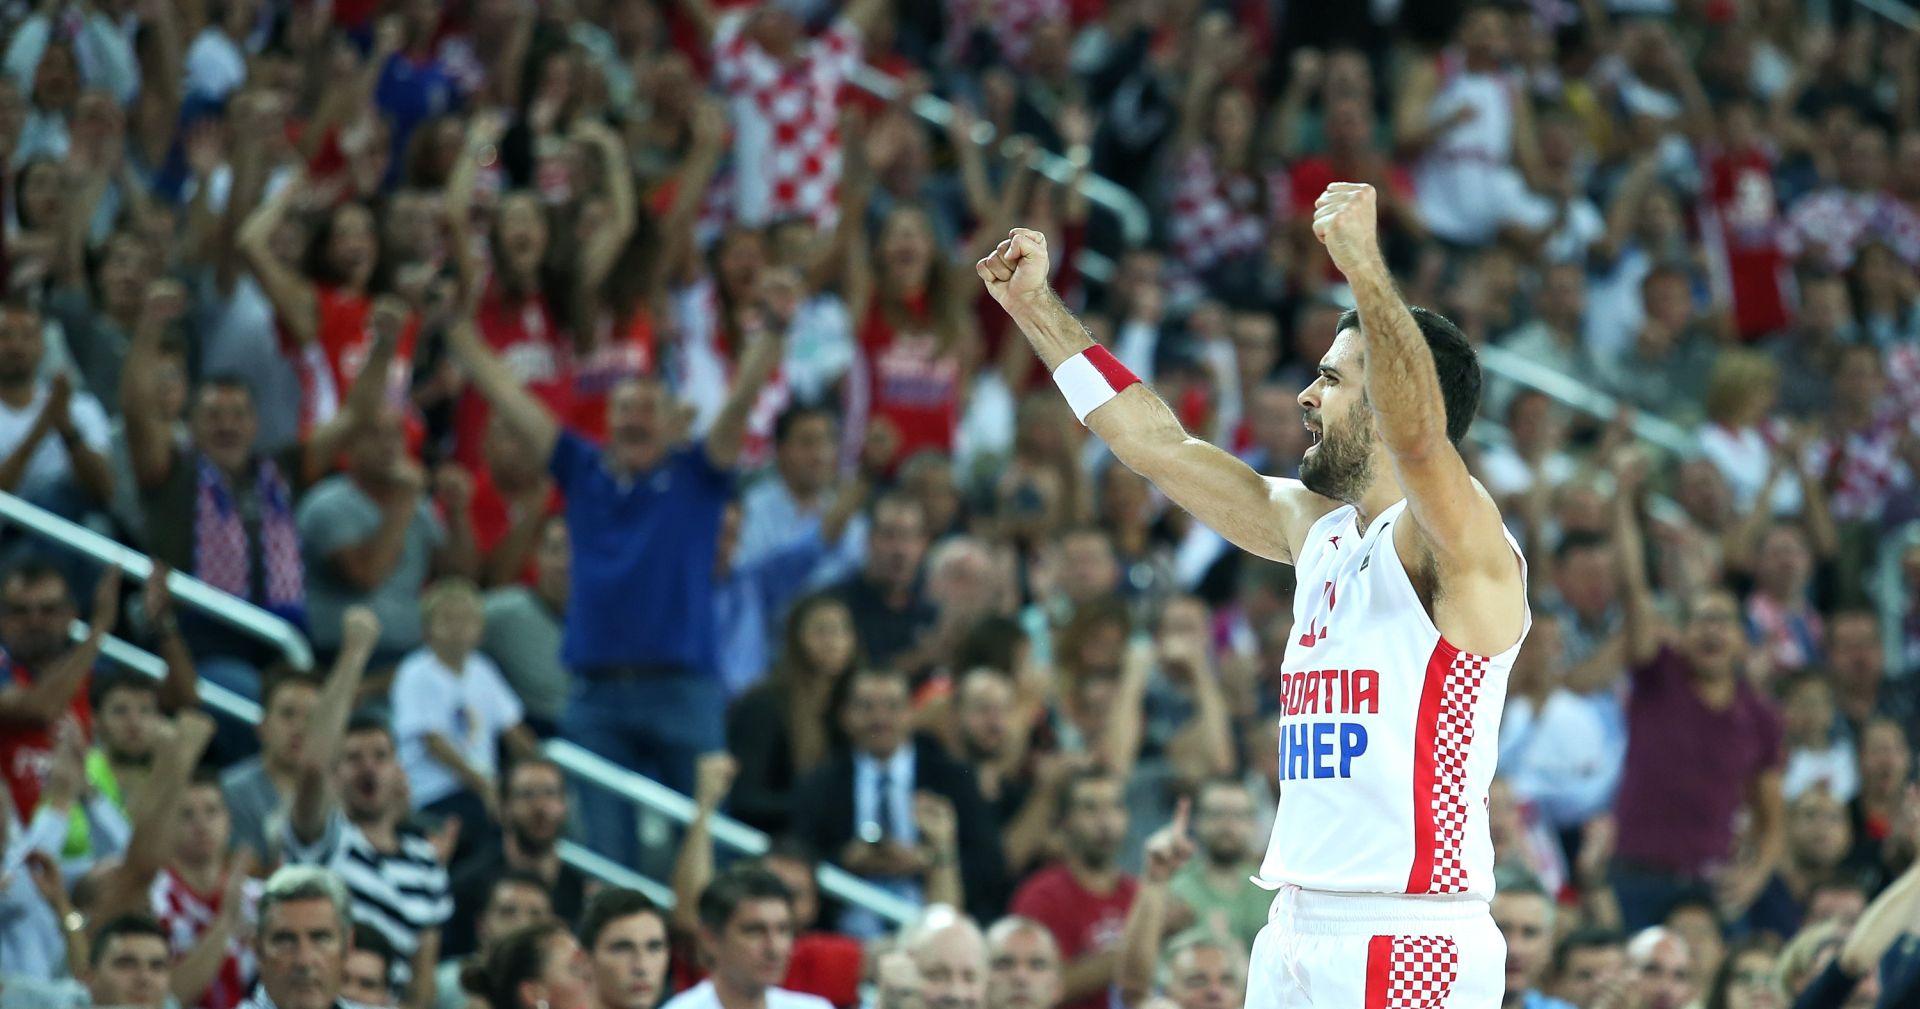 Hrvatski košarkaši ušli u olimpijske kvalifikacije